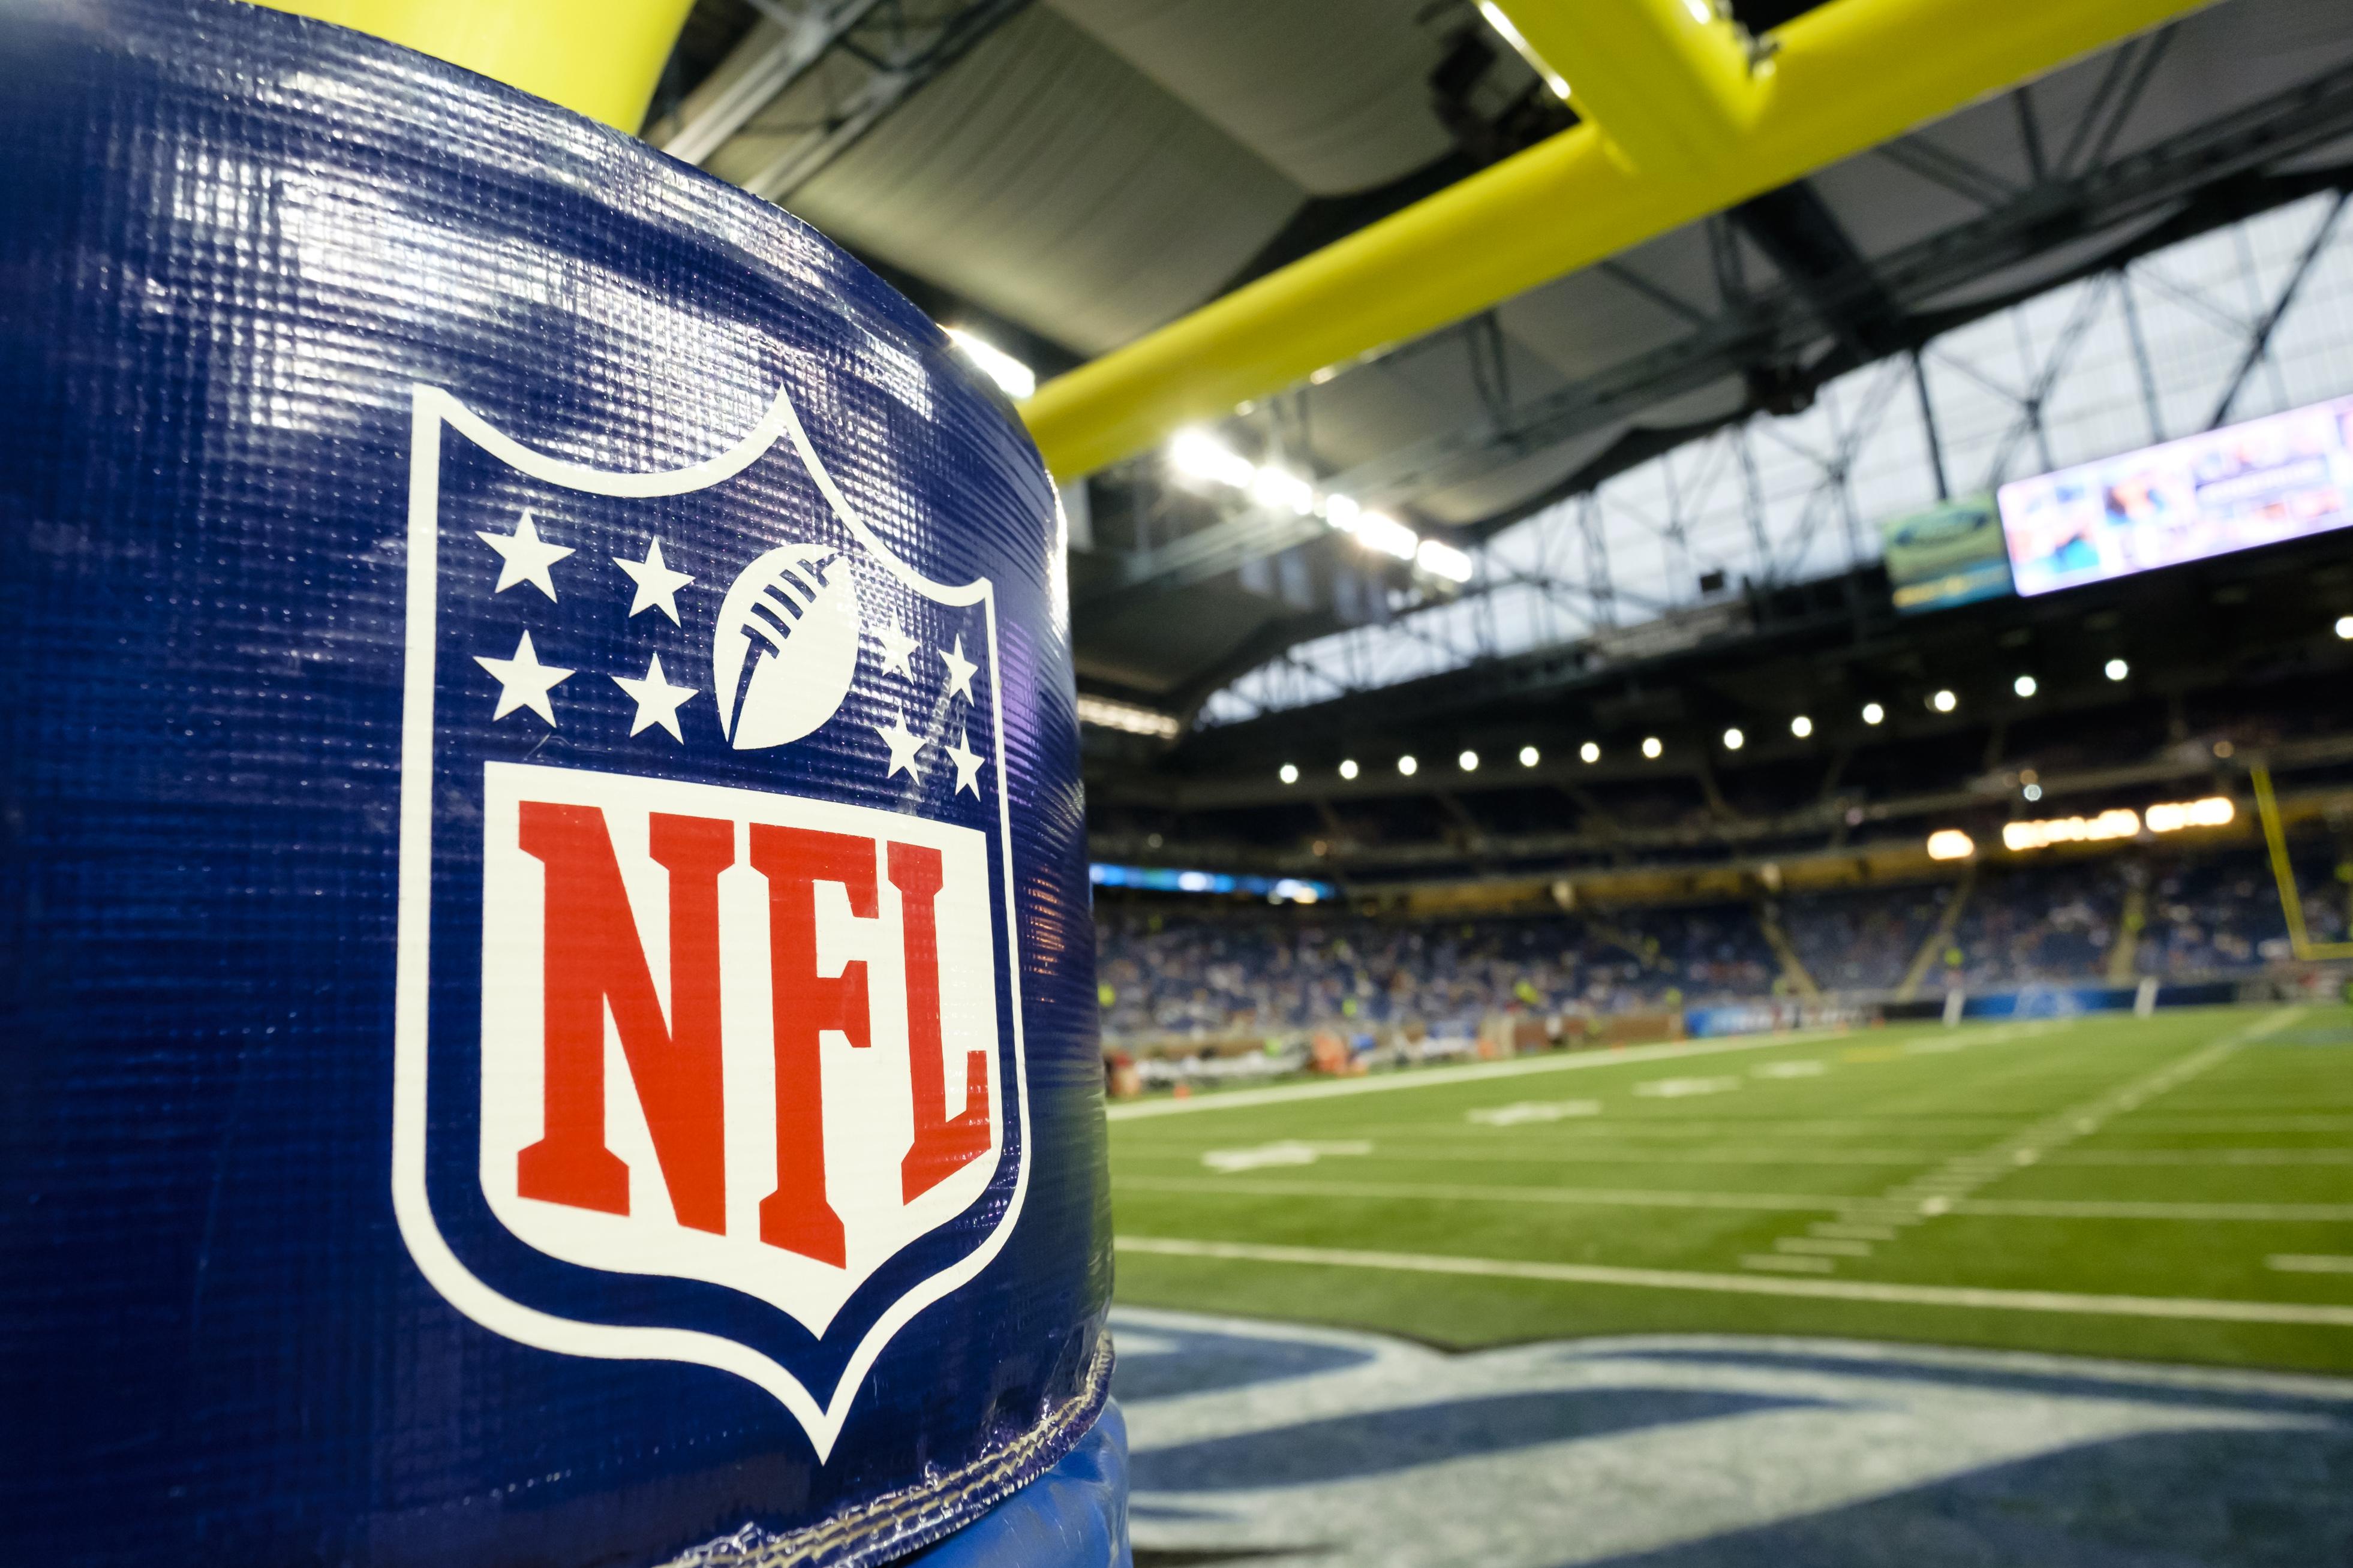 Sindicato de Jugadores de la NFL pide no jugar la pretemporada por pandemia de COVID-19